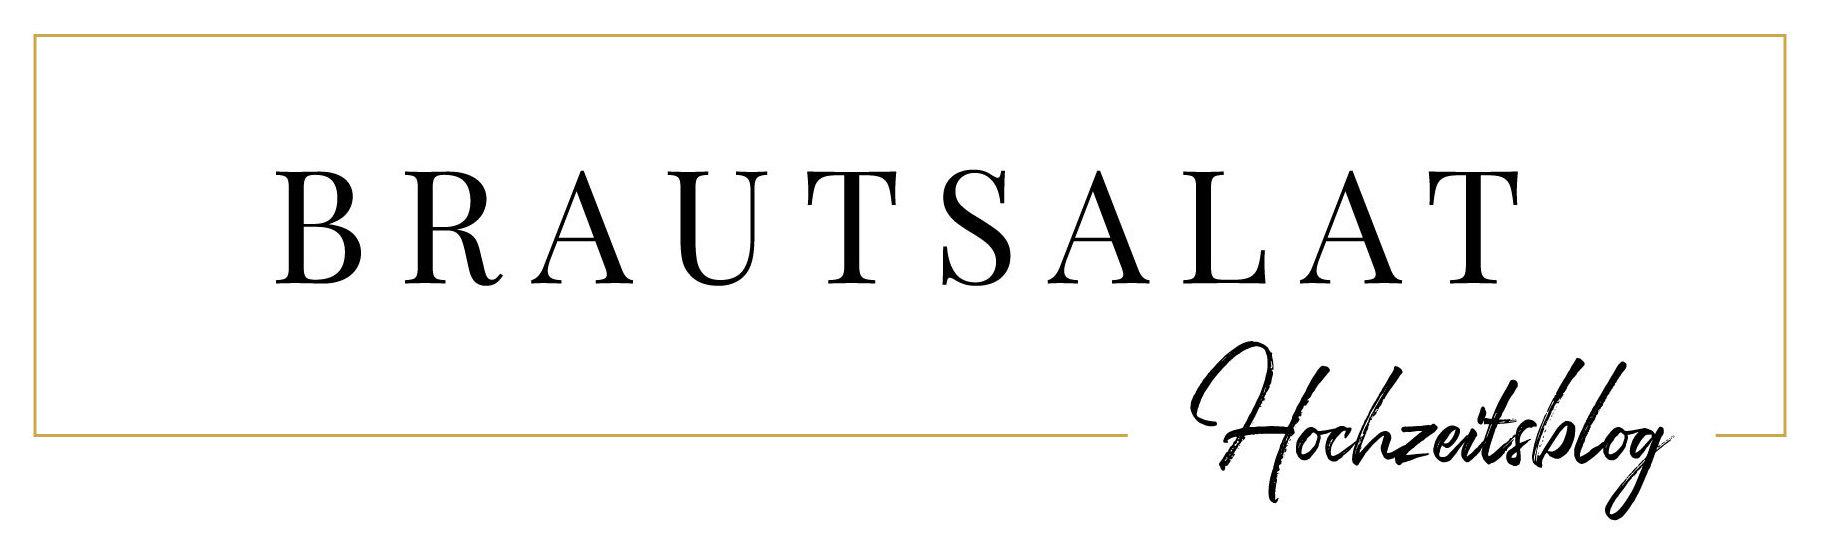 Logo Brautsalat.jpeg